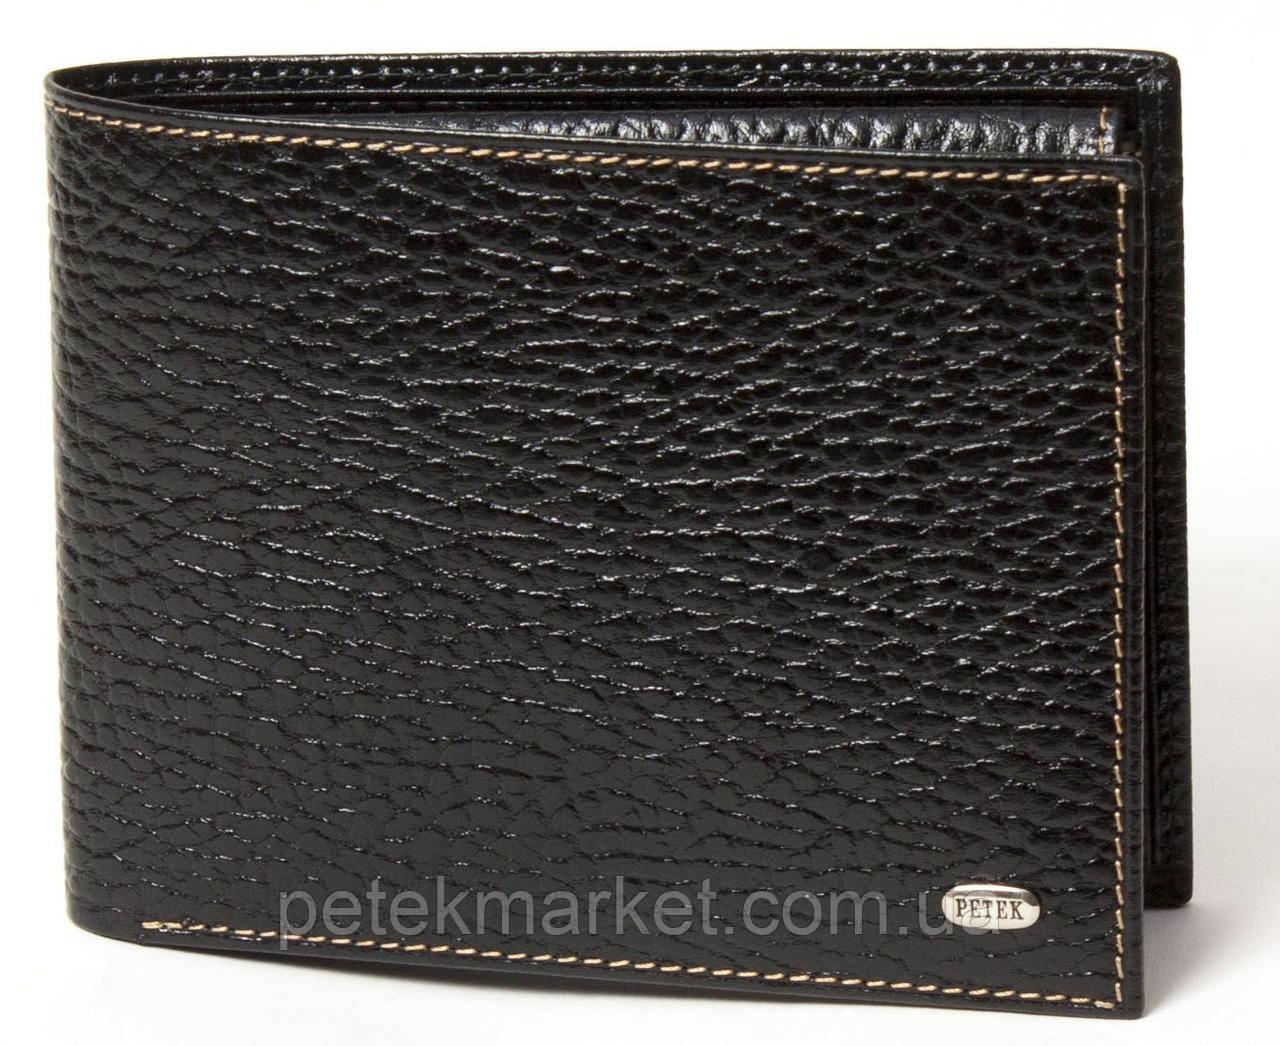 Кожаное мужское портмоне Petek 203